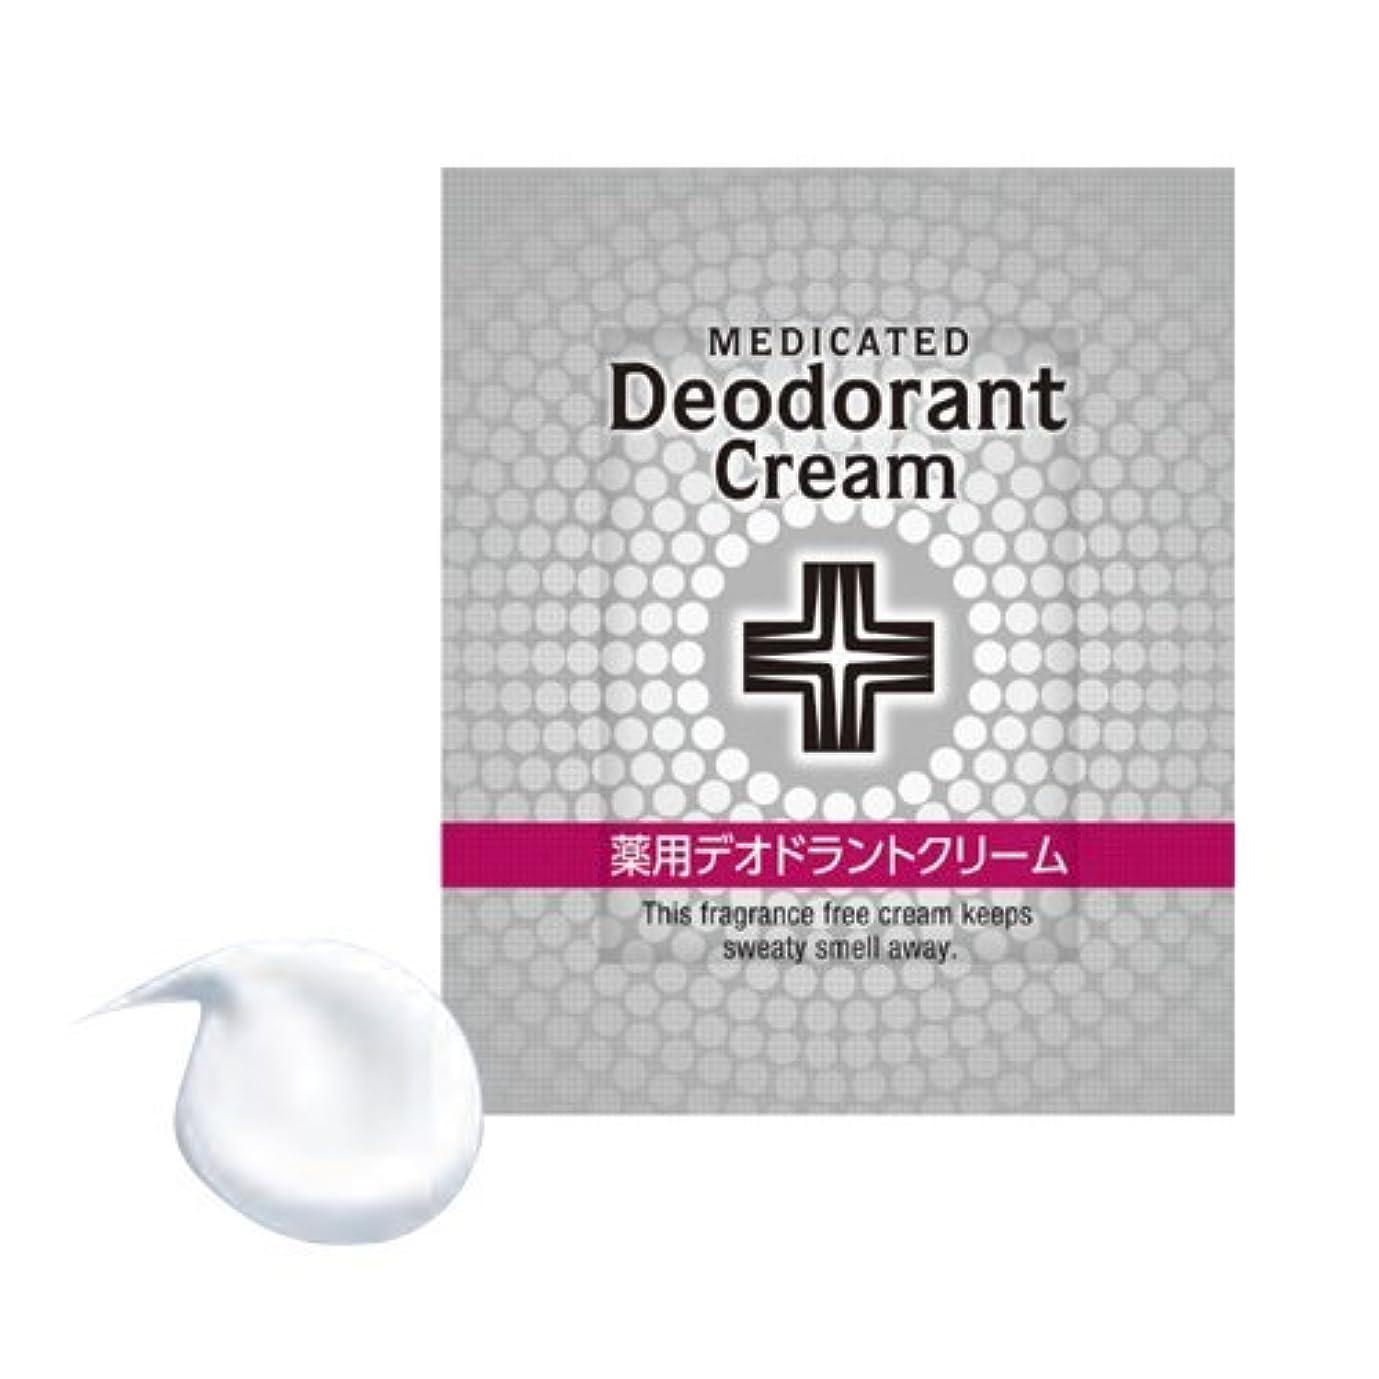 招待上向き真空ウテナ商事 薬用デオドラントクリーム 1g 100個